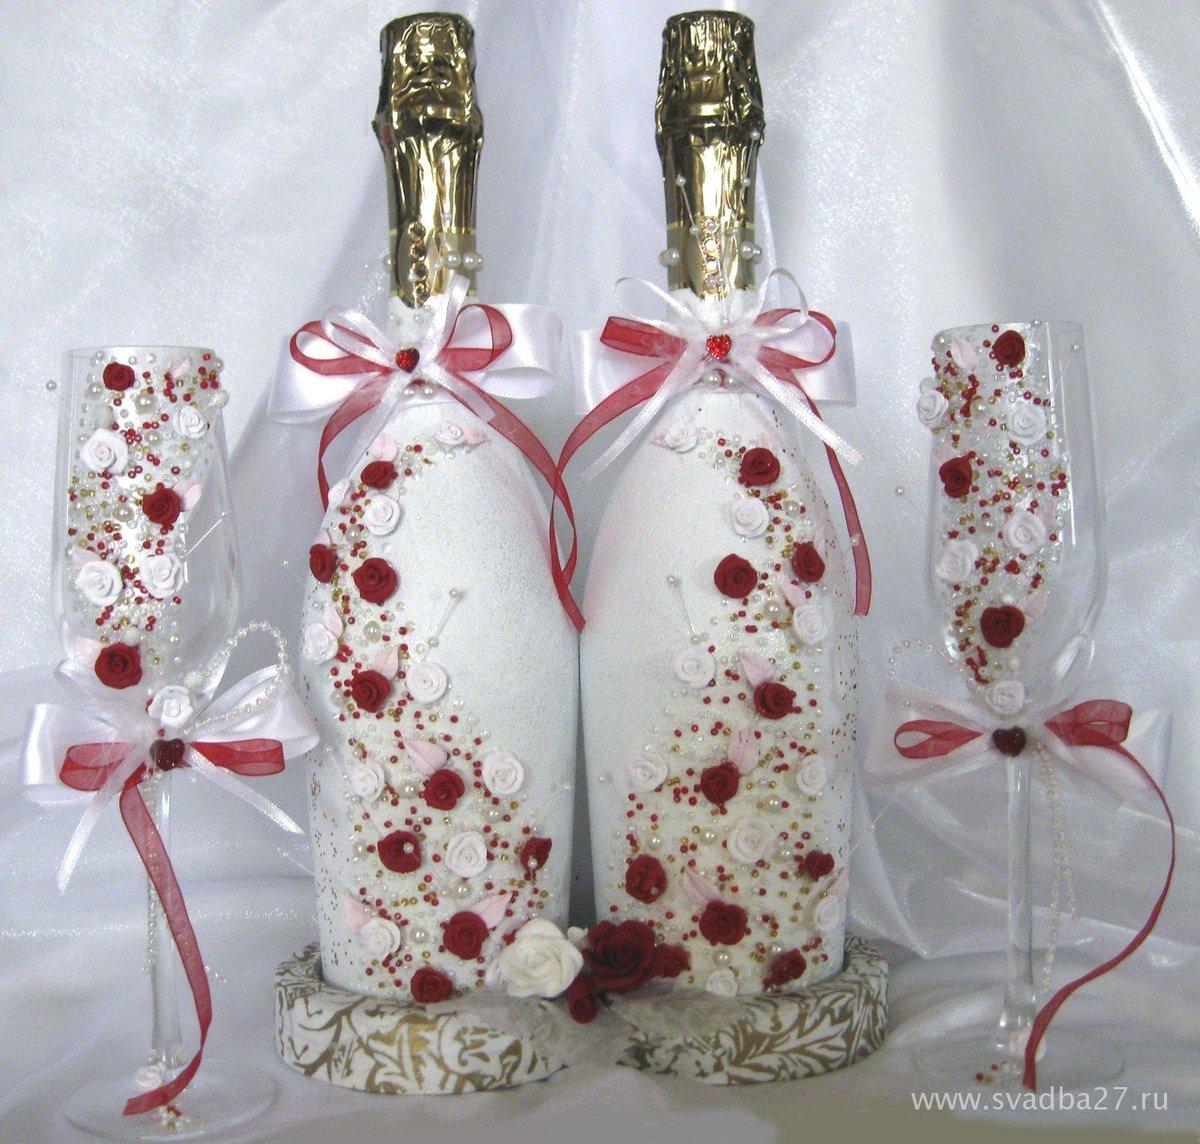 Украшаем бутылки к свадьбе своими руками фото